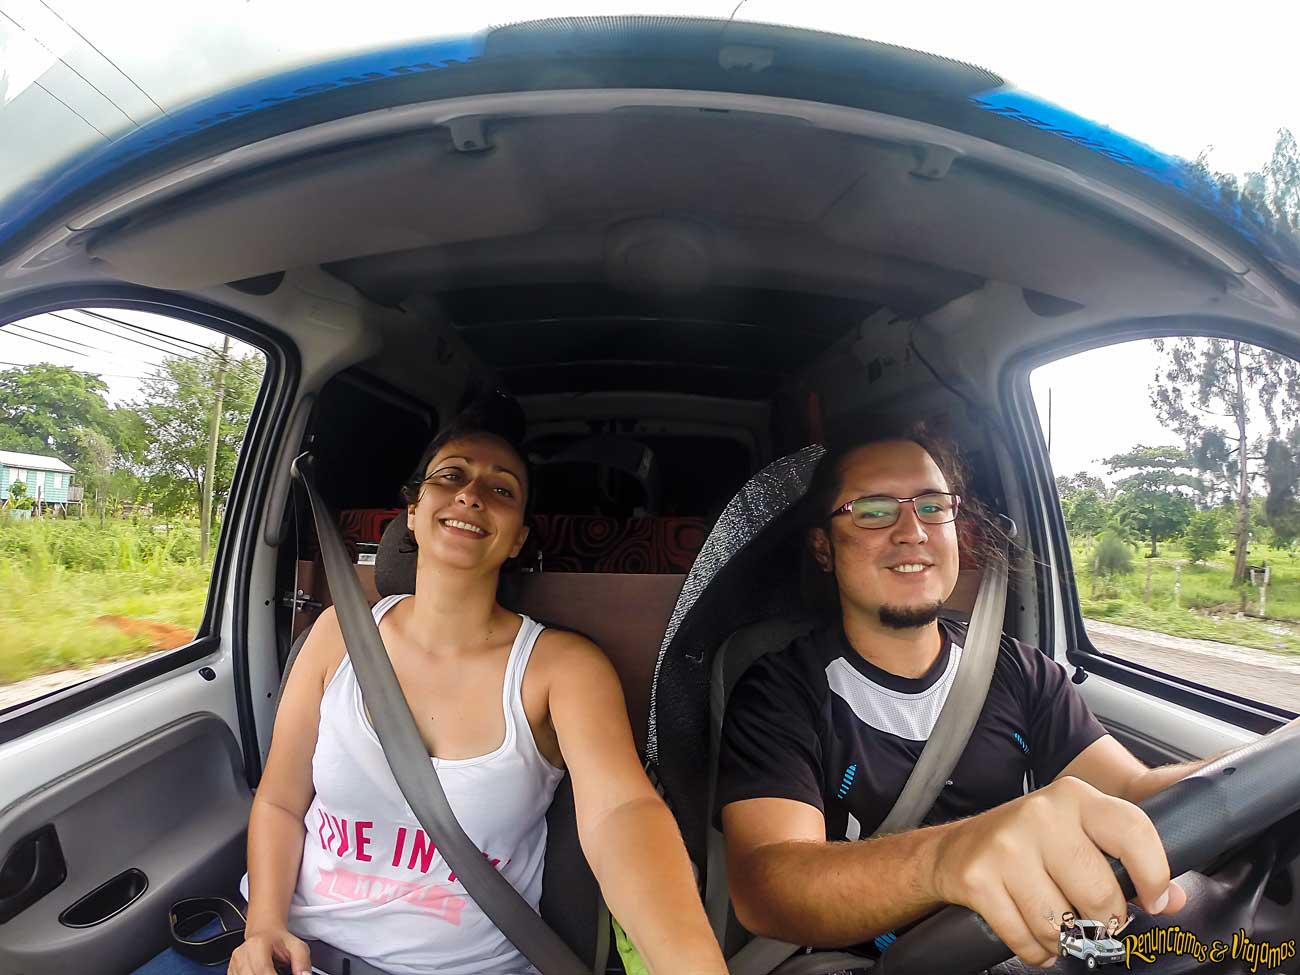 viajar-en-carro-mexico-renunciamos-y-viajamos